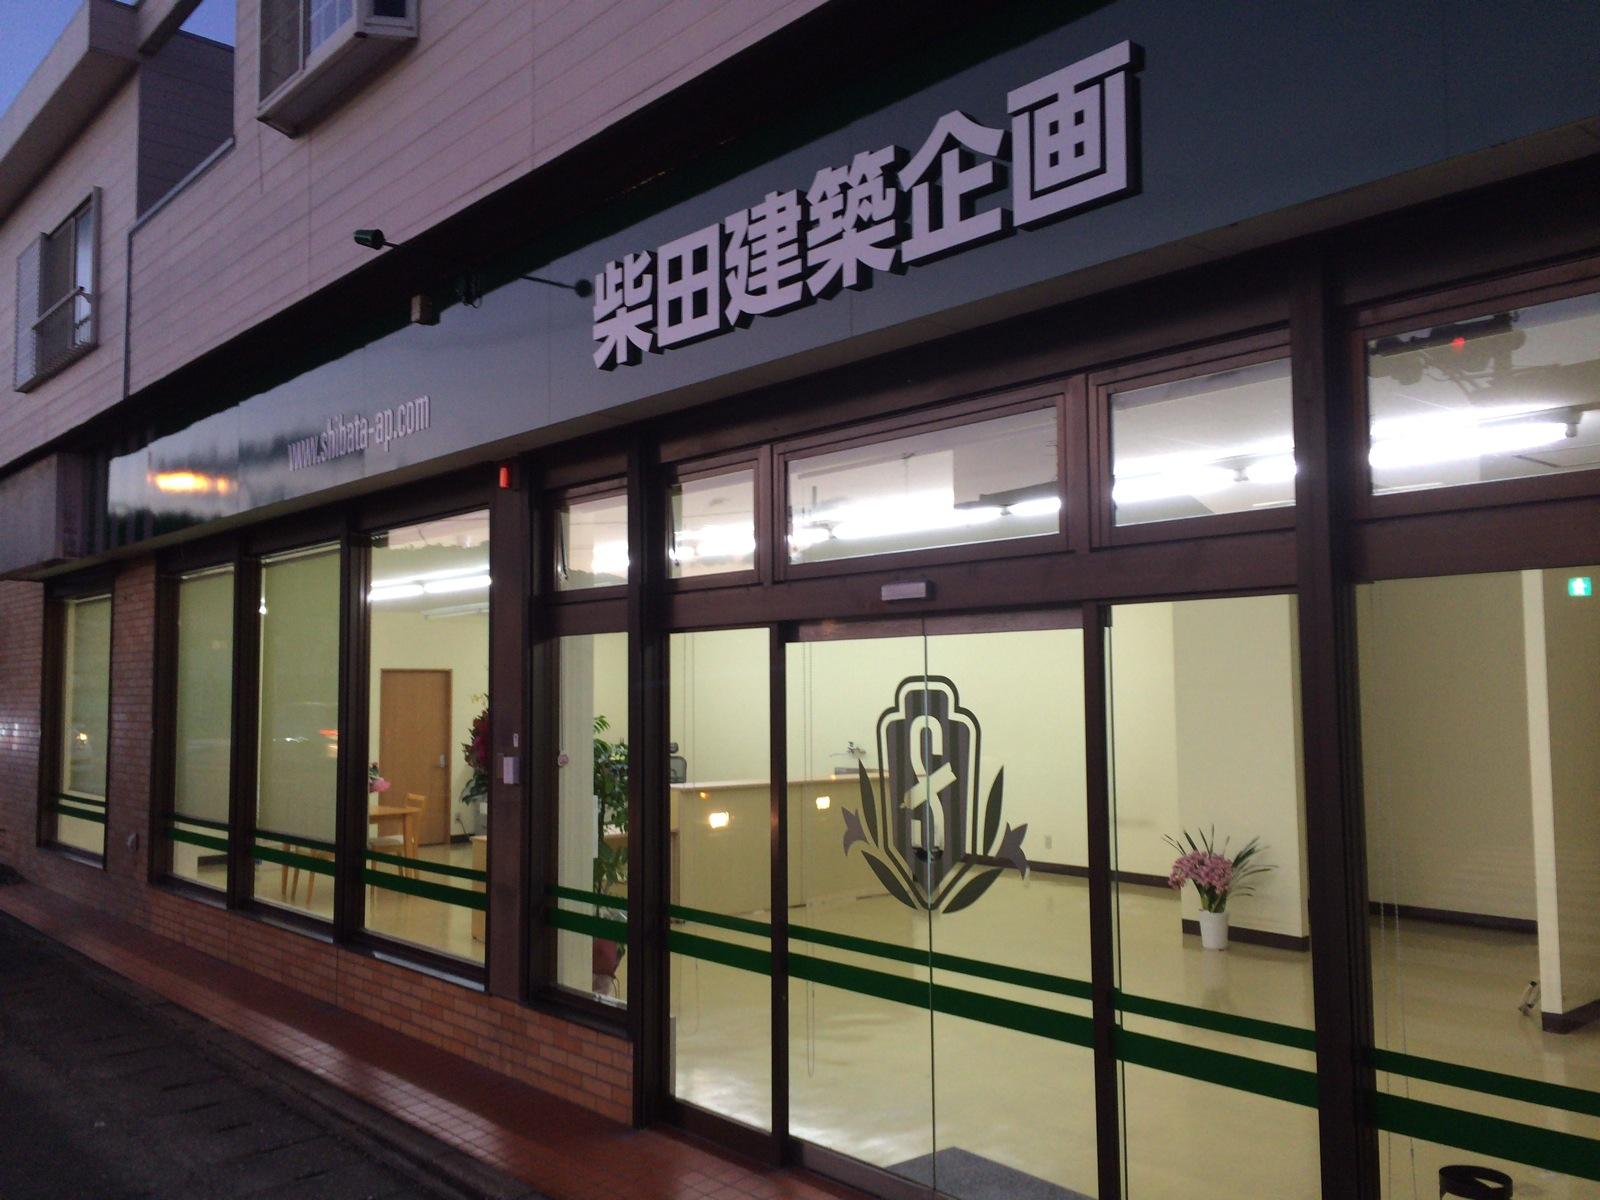 12/17(水)本日より新事務所に移転しました。